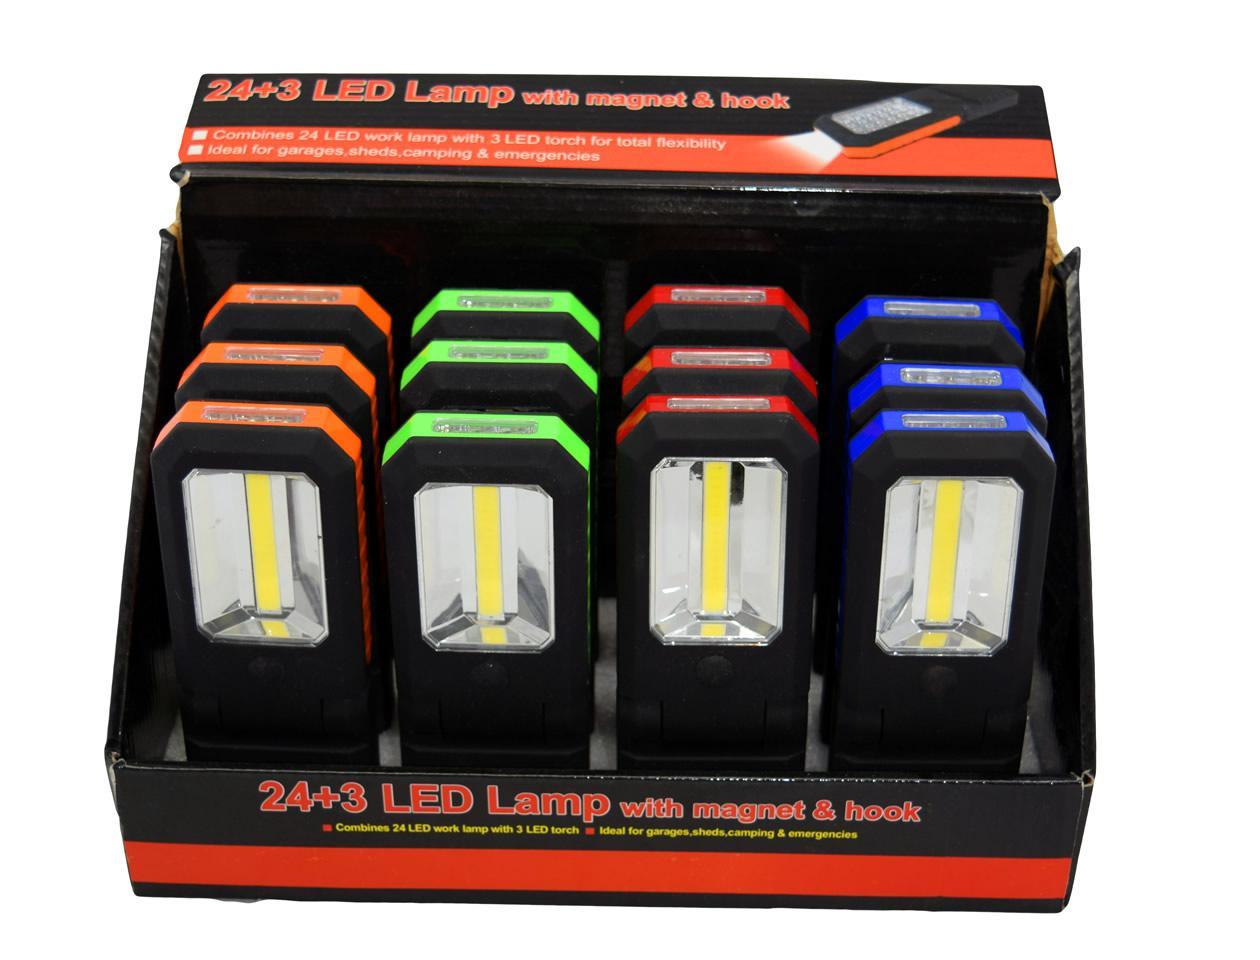 Foto 1 - 3W Super svítivá COB chip + 3 Led svítilna lámací s háčkem pro uchycení je revoluční výrobek, kde díky nové technologii COB chipu je dosaženo menší spotřeby a vyššího svitu